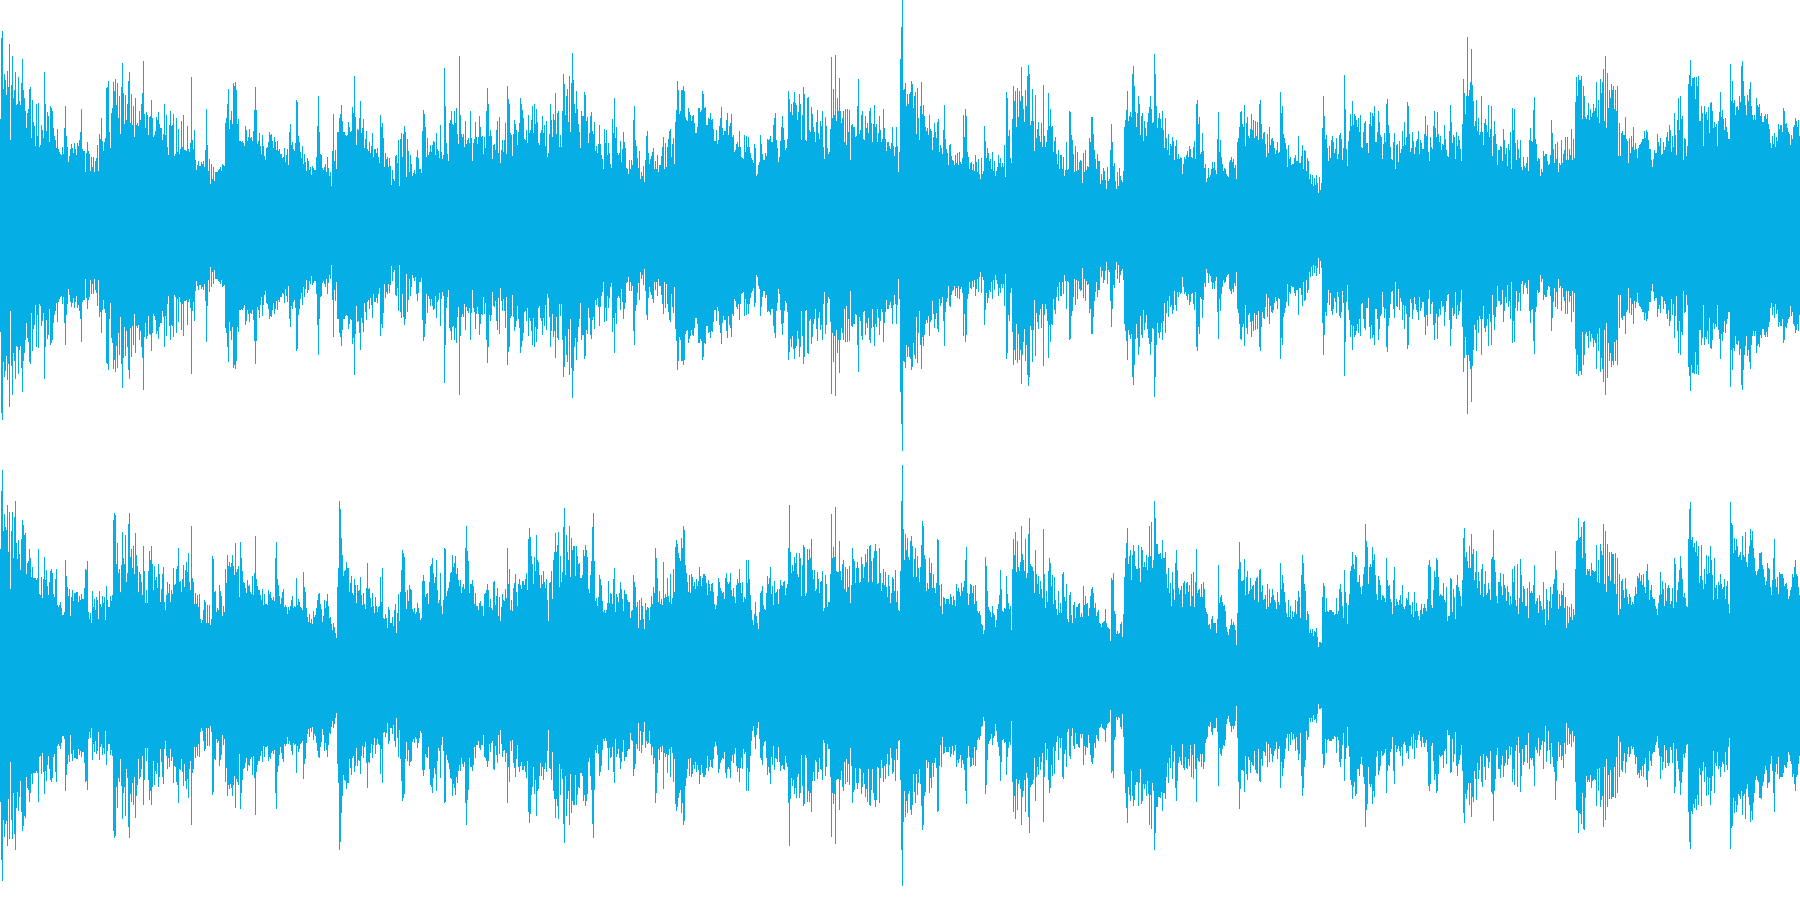 クラップ(拍手)を基調とし、変奏させた…の再生済みの波形